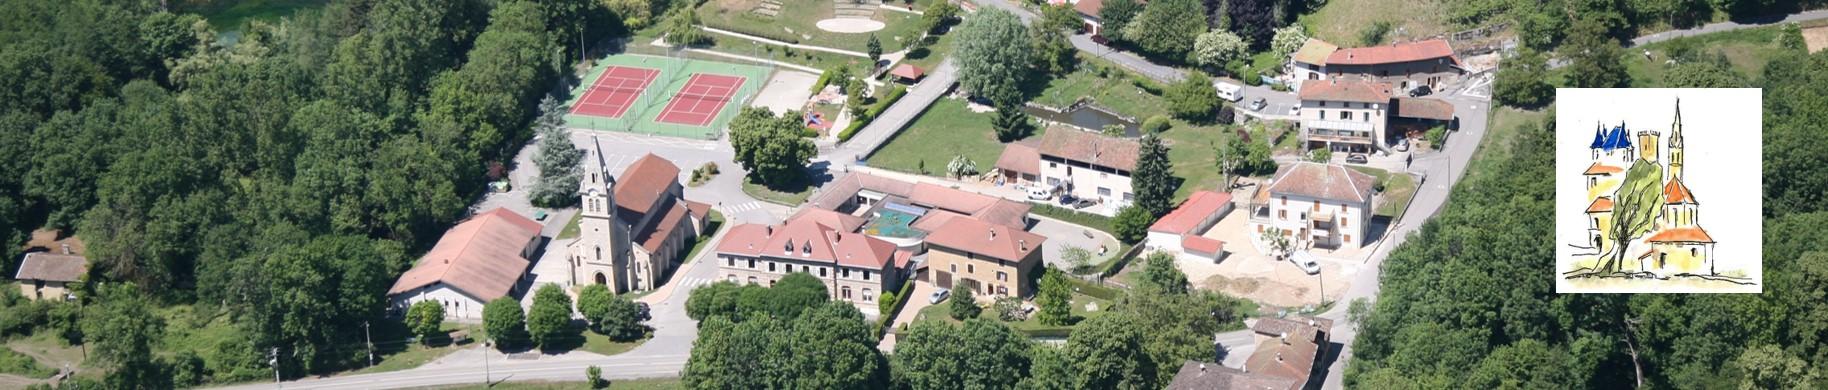 Mairie de Réaumont